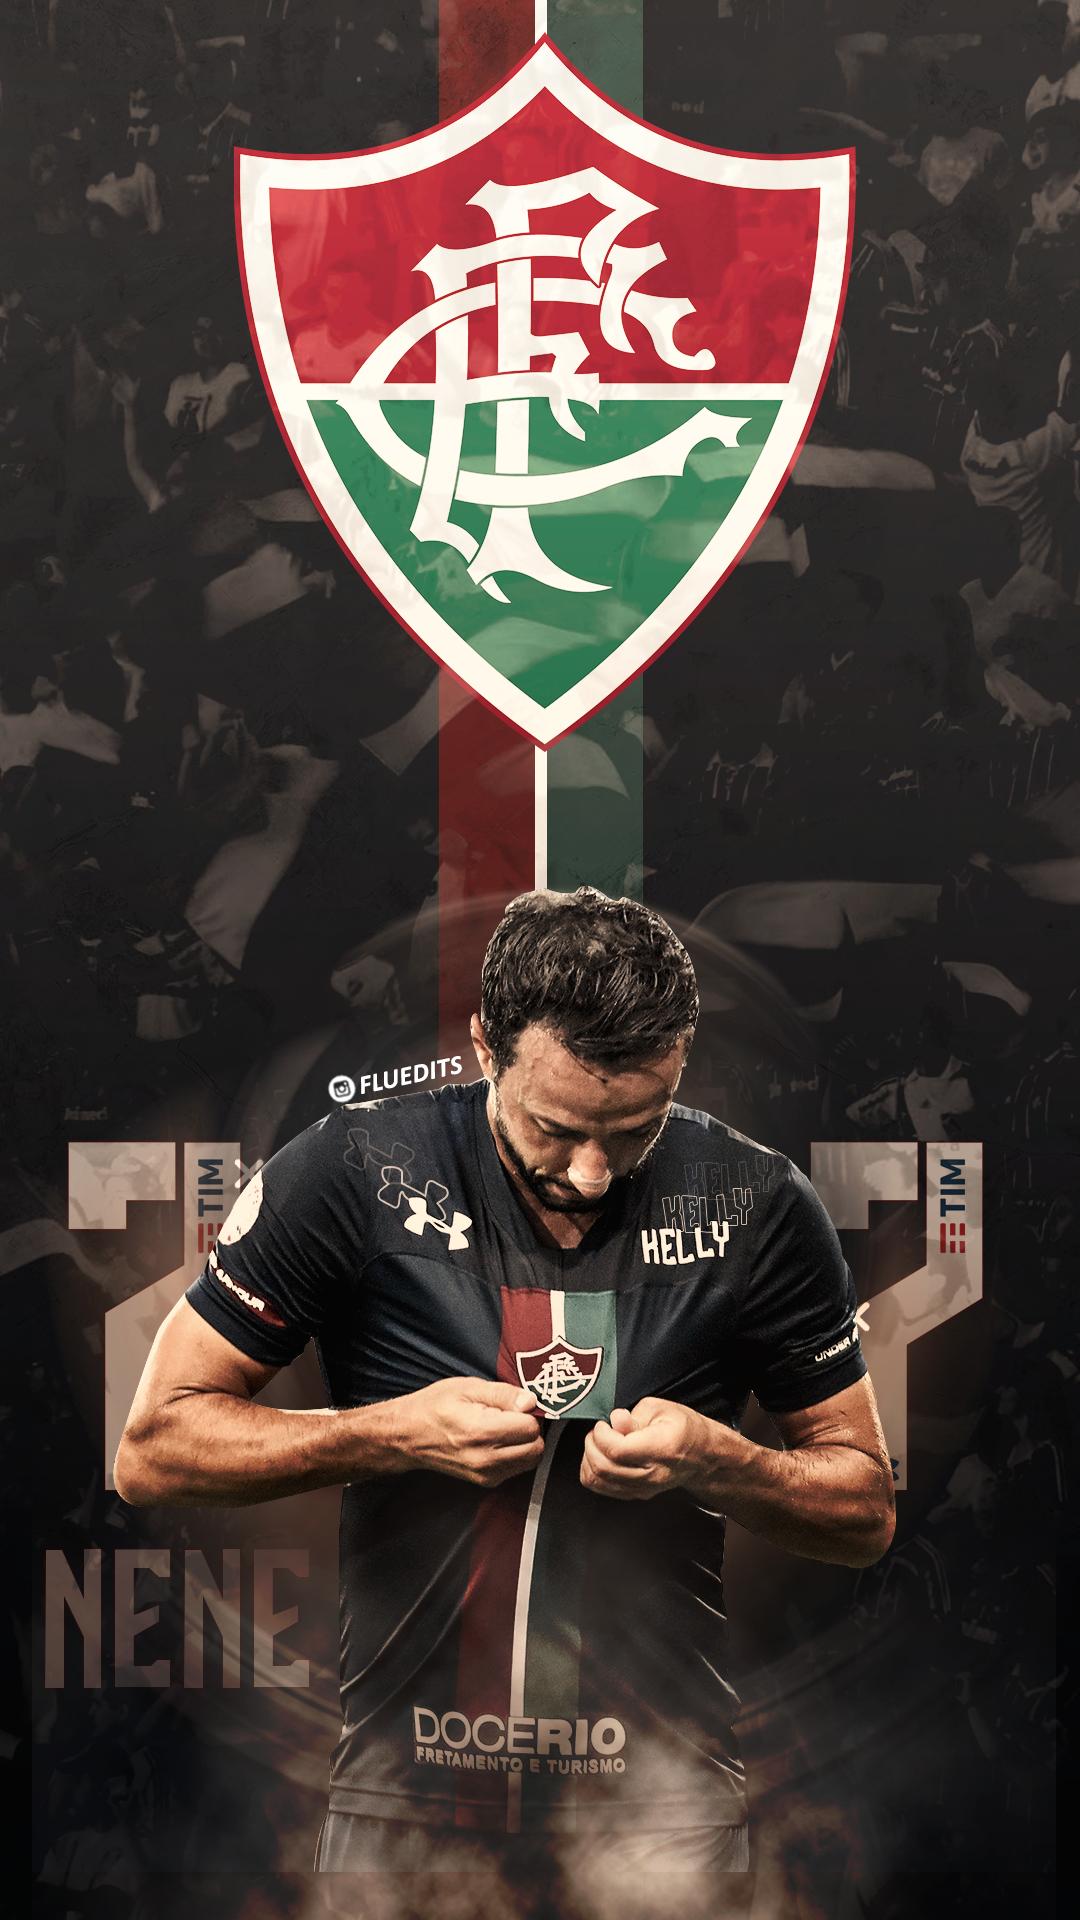 Wallpaper Nene Fred Fluminense Camisa Fluminense Imagens Fluminense